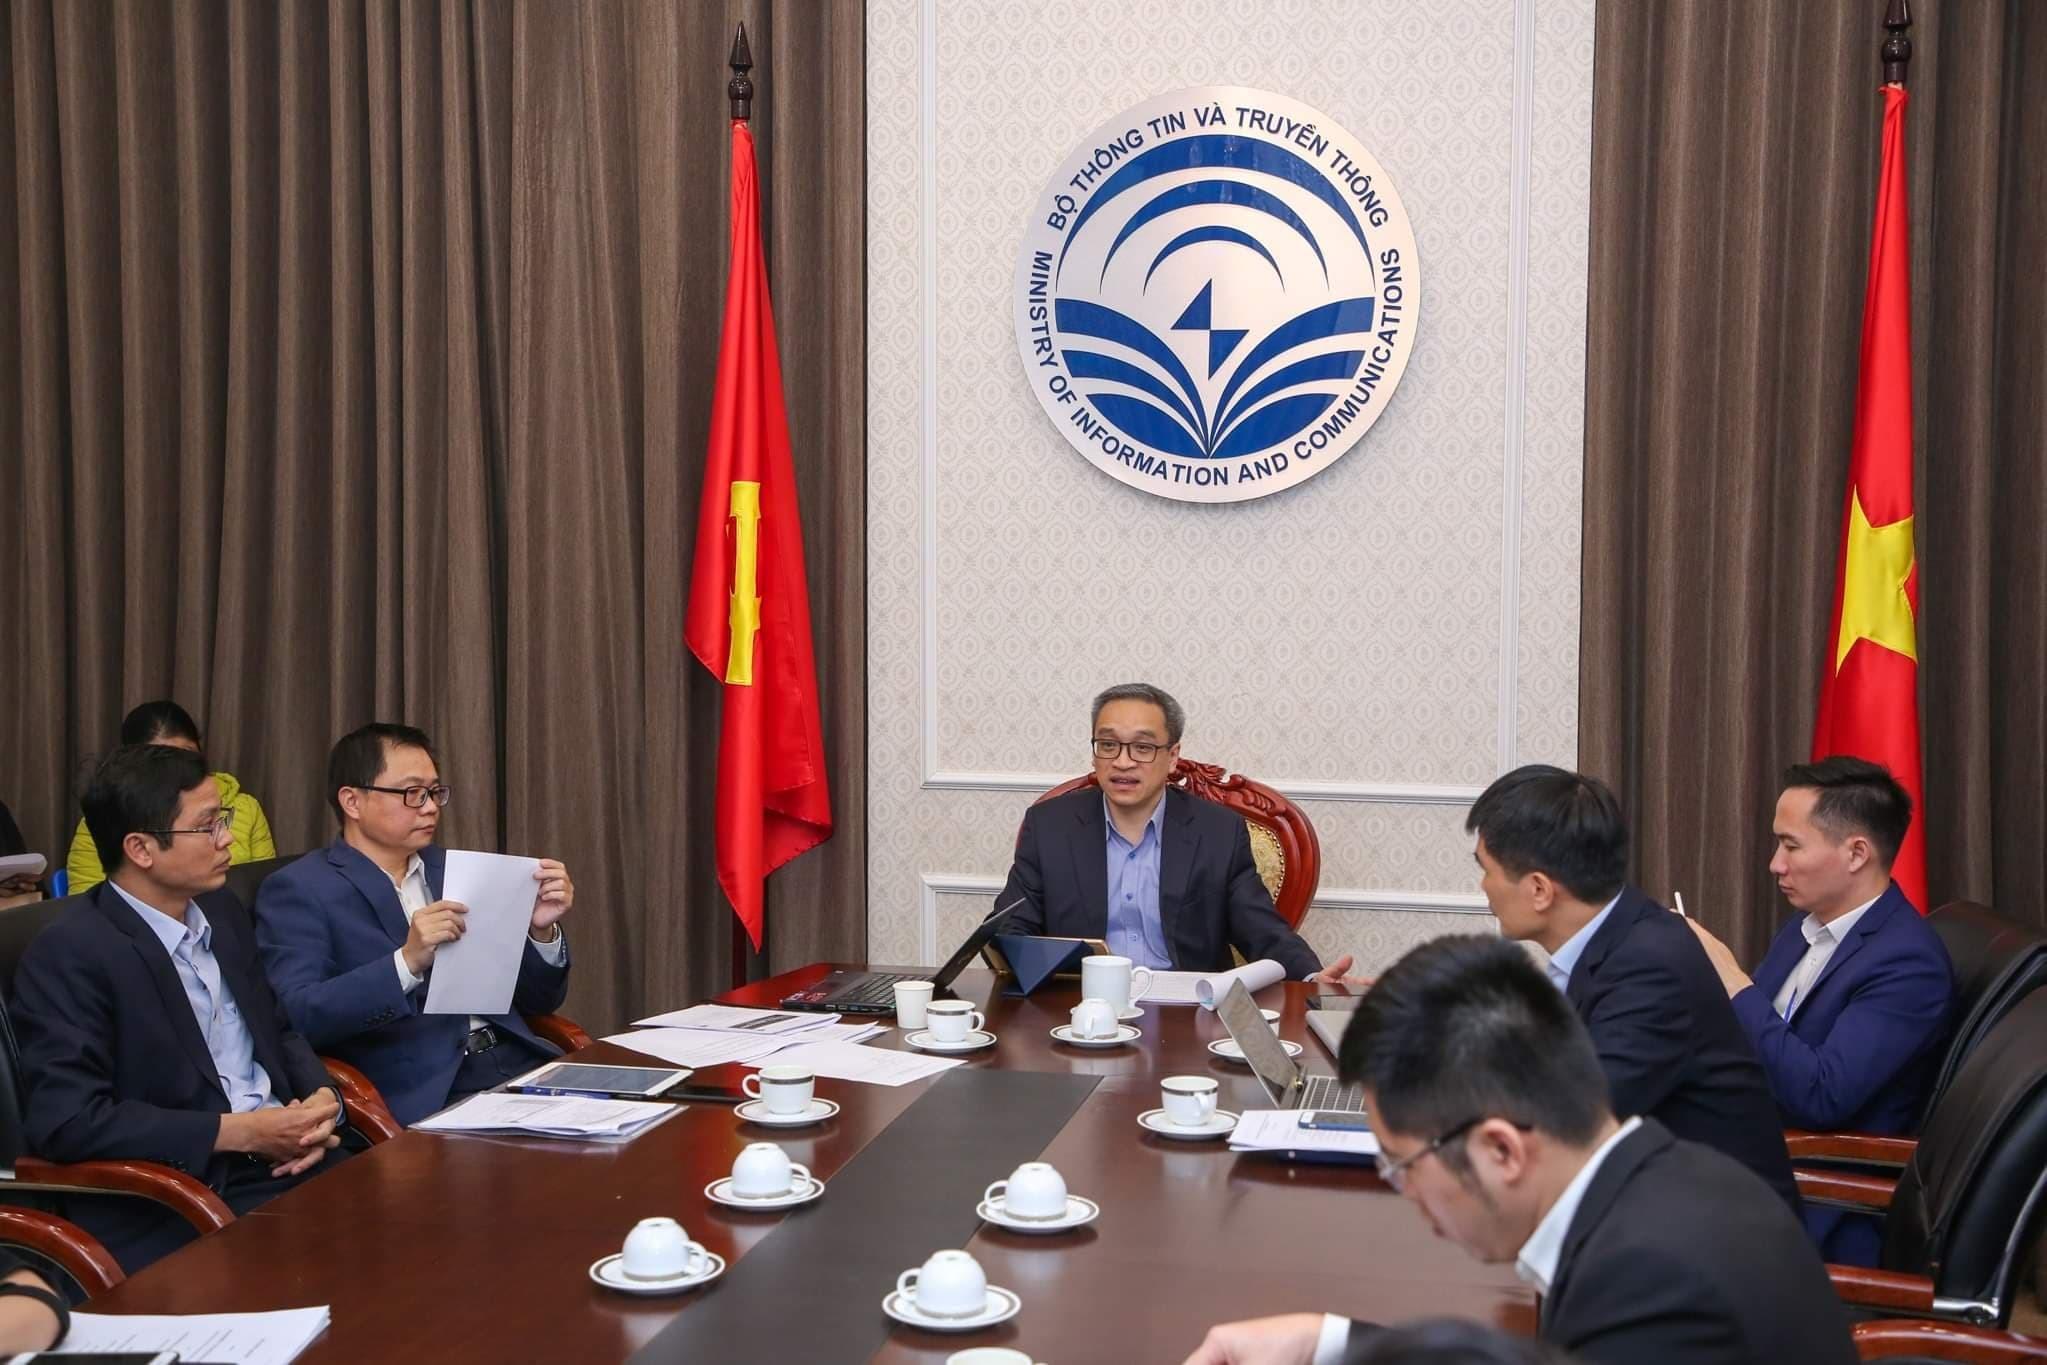 Hội nghị & Triển lãm Thế giới Số được tổ chức tại Việt Nam vào năm 2020